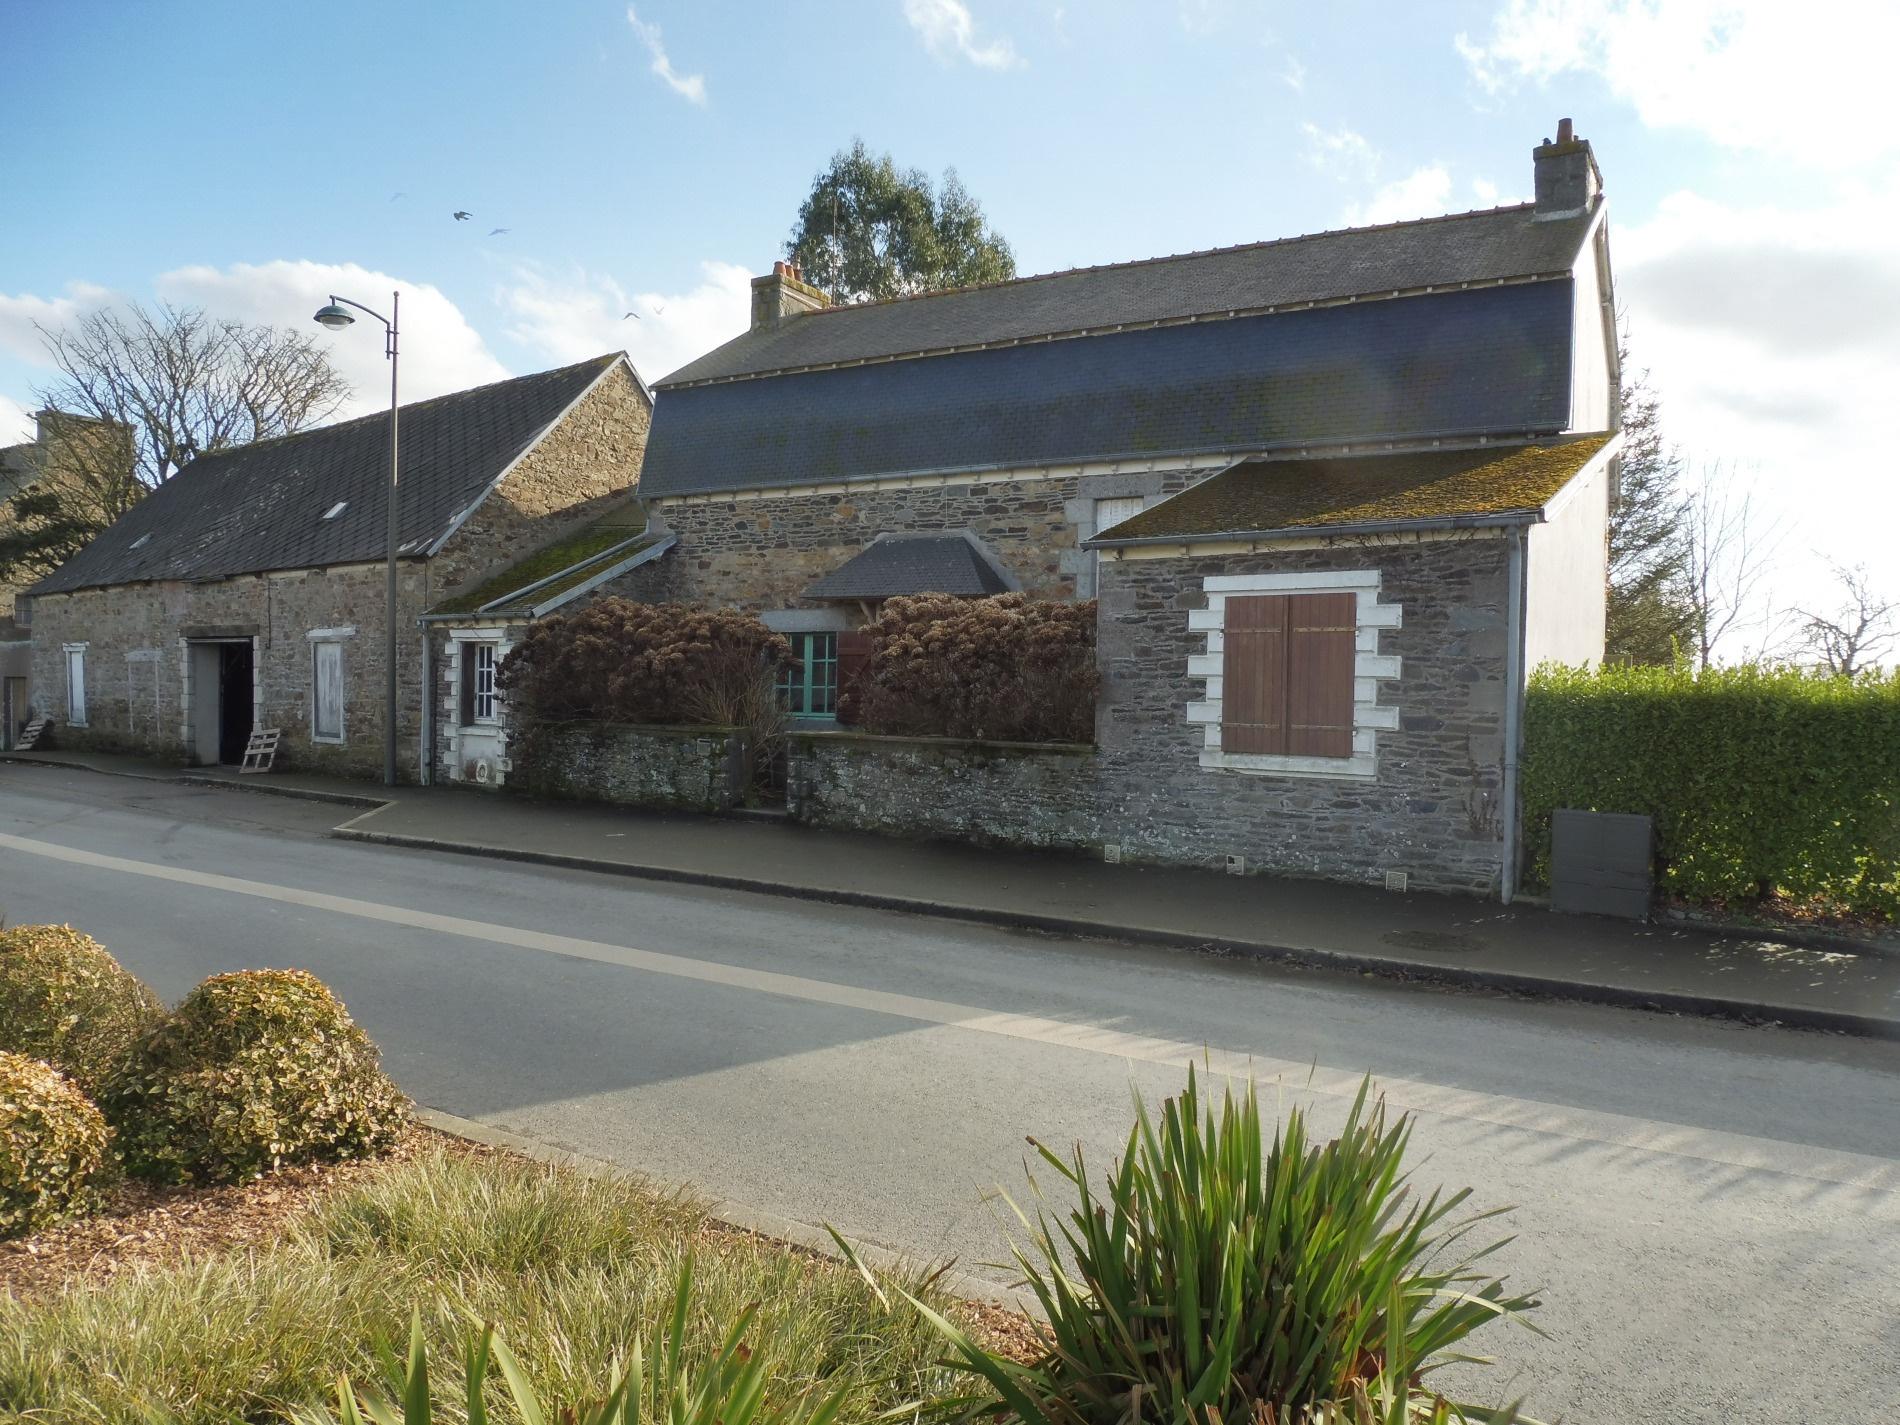 Vente maison pierre 120m habitable garage atelier plus for Terrain plus maison